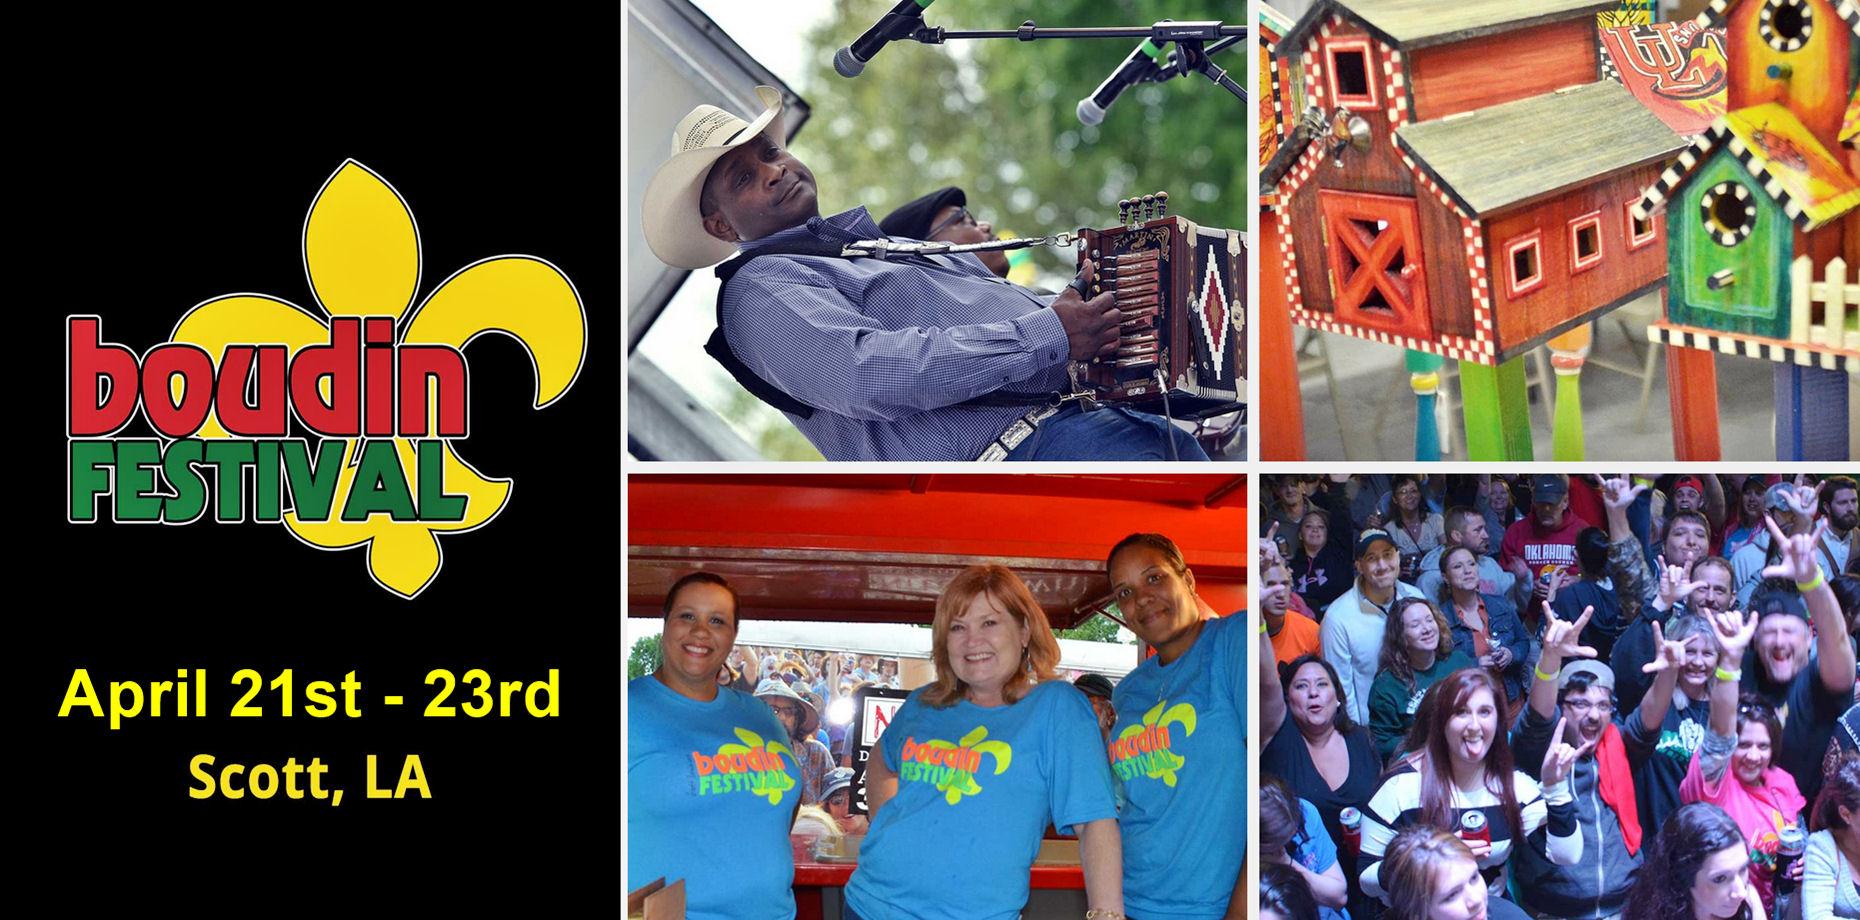 Scott Boudin Festival Logo with dates.jpg